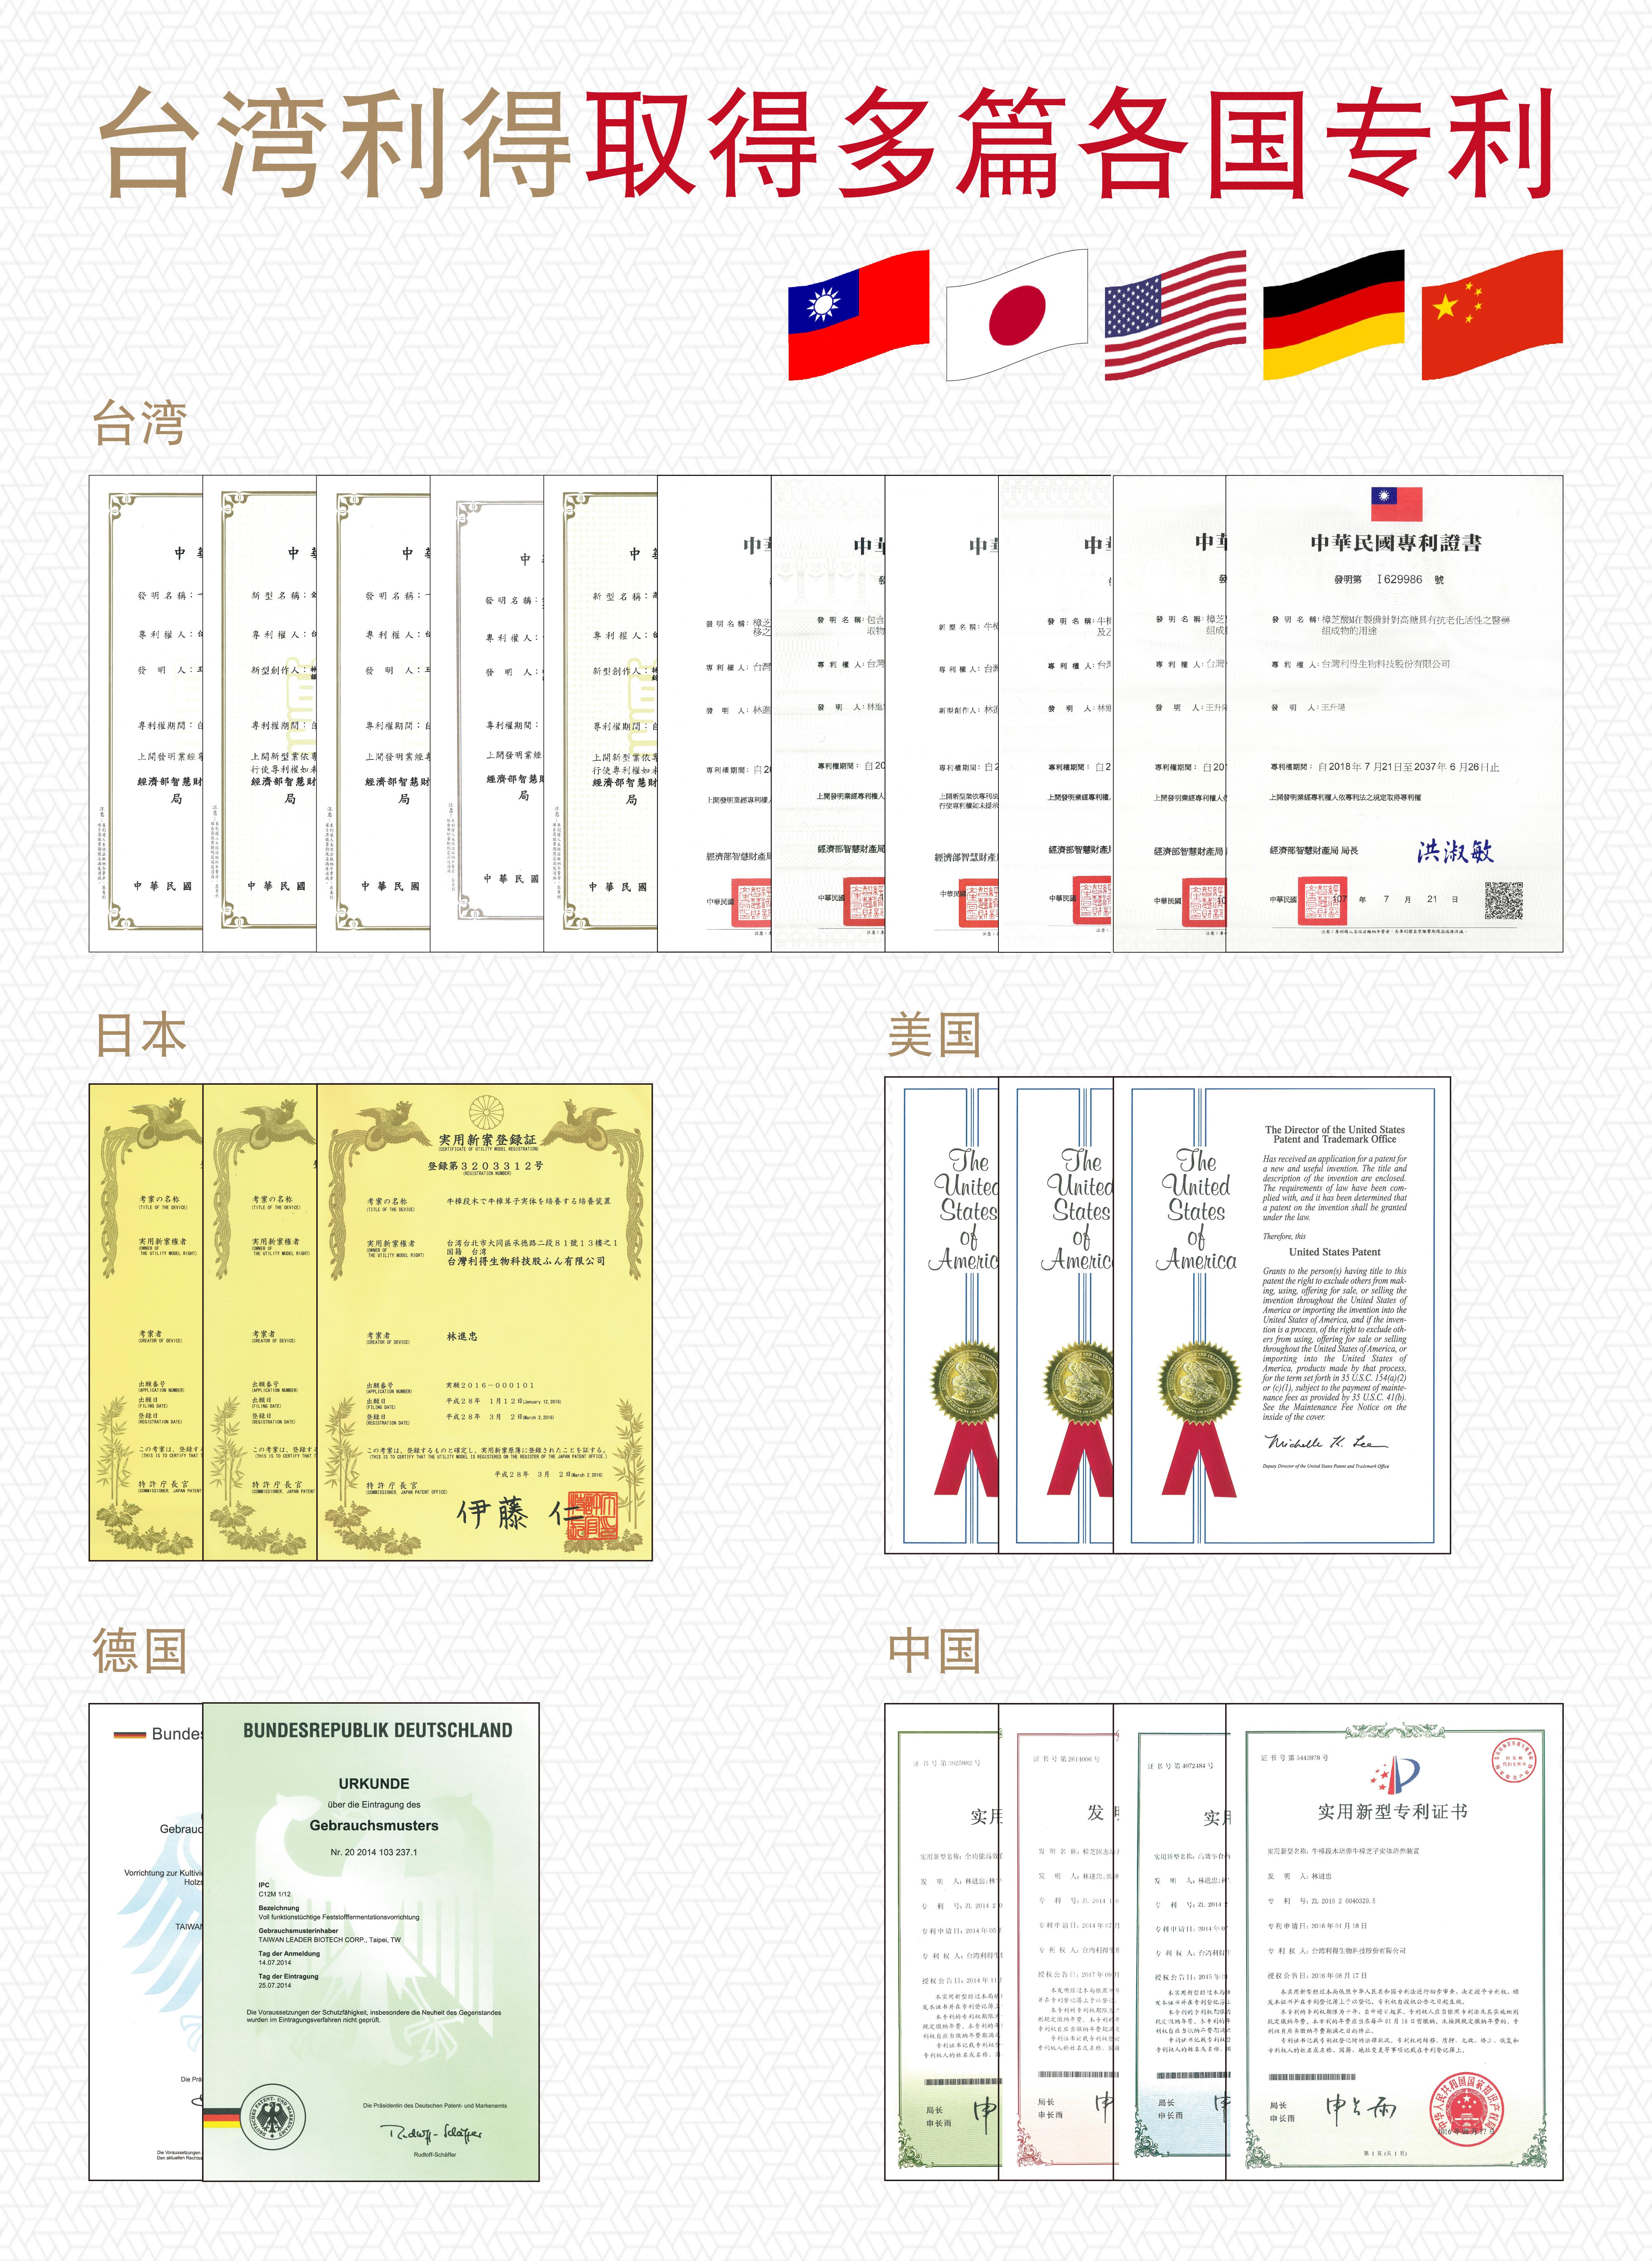 專利及期刊發表(更新)-簡0417_多國專利